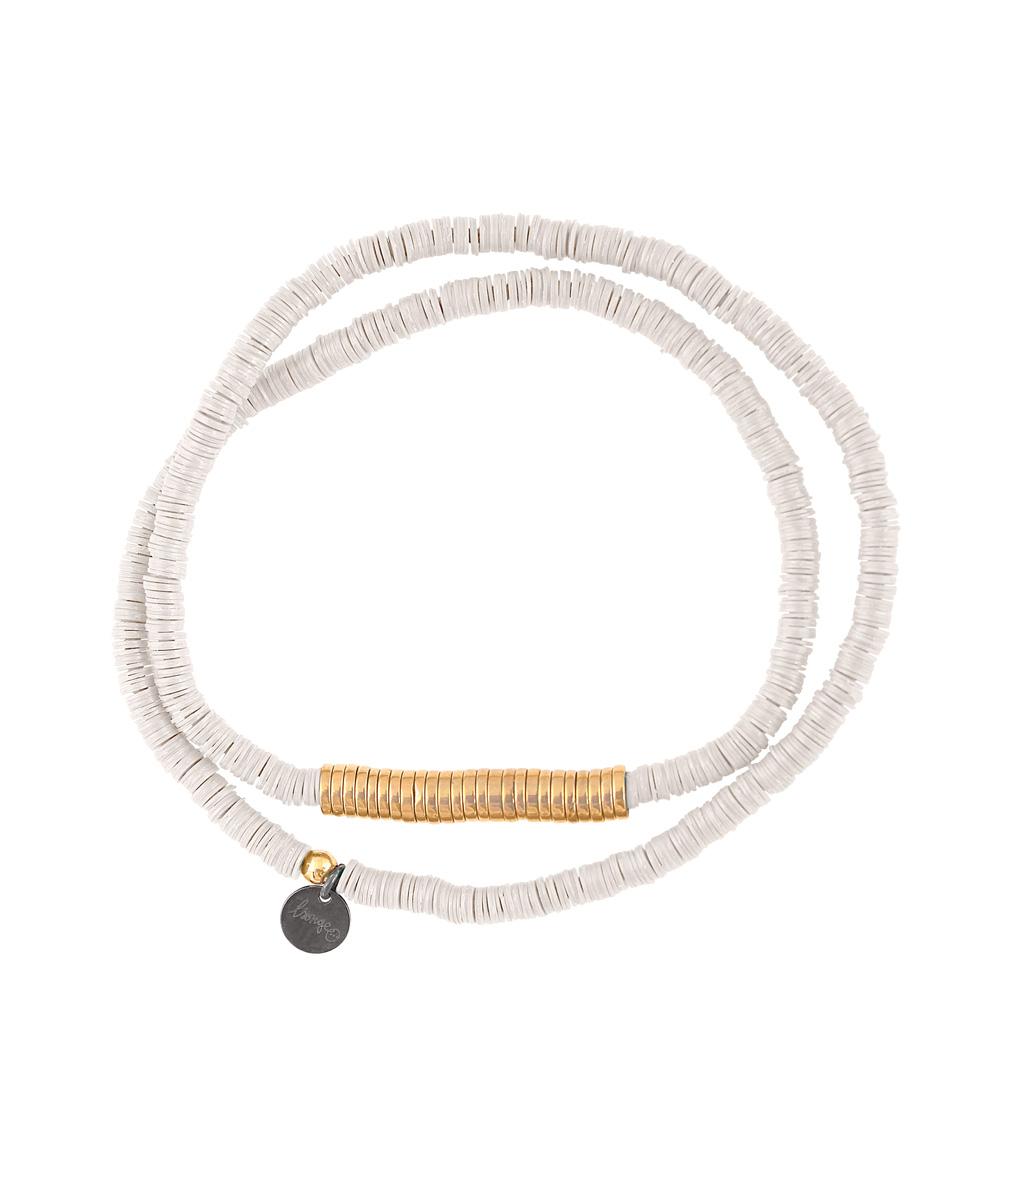 Bracelet Homme Zannot Long Blanc / Doré